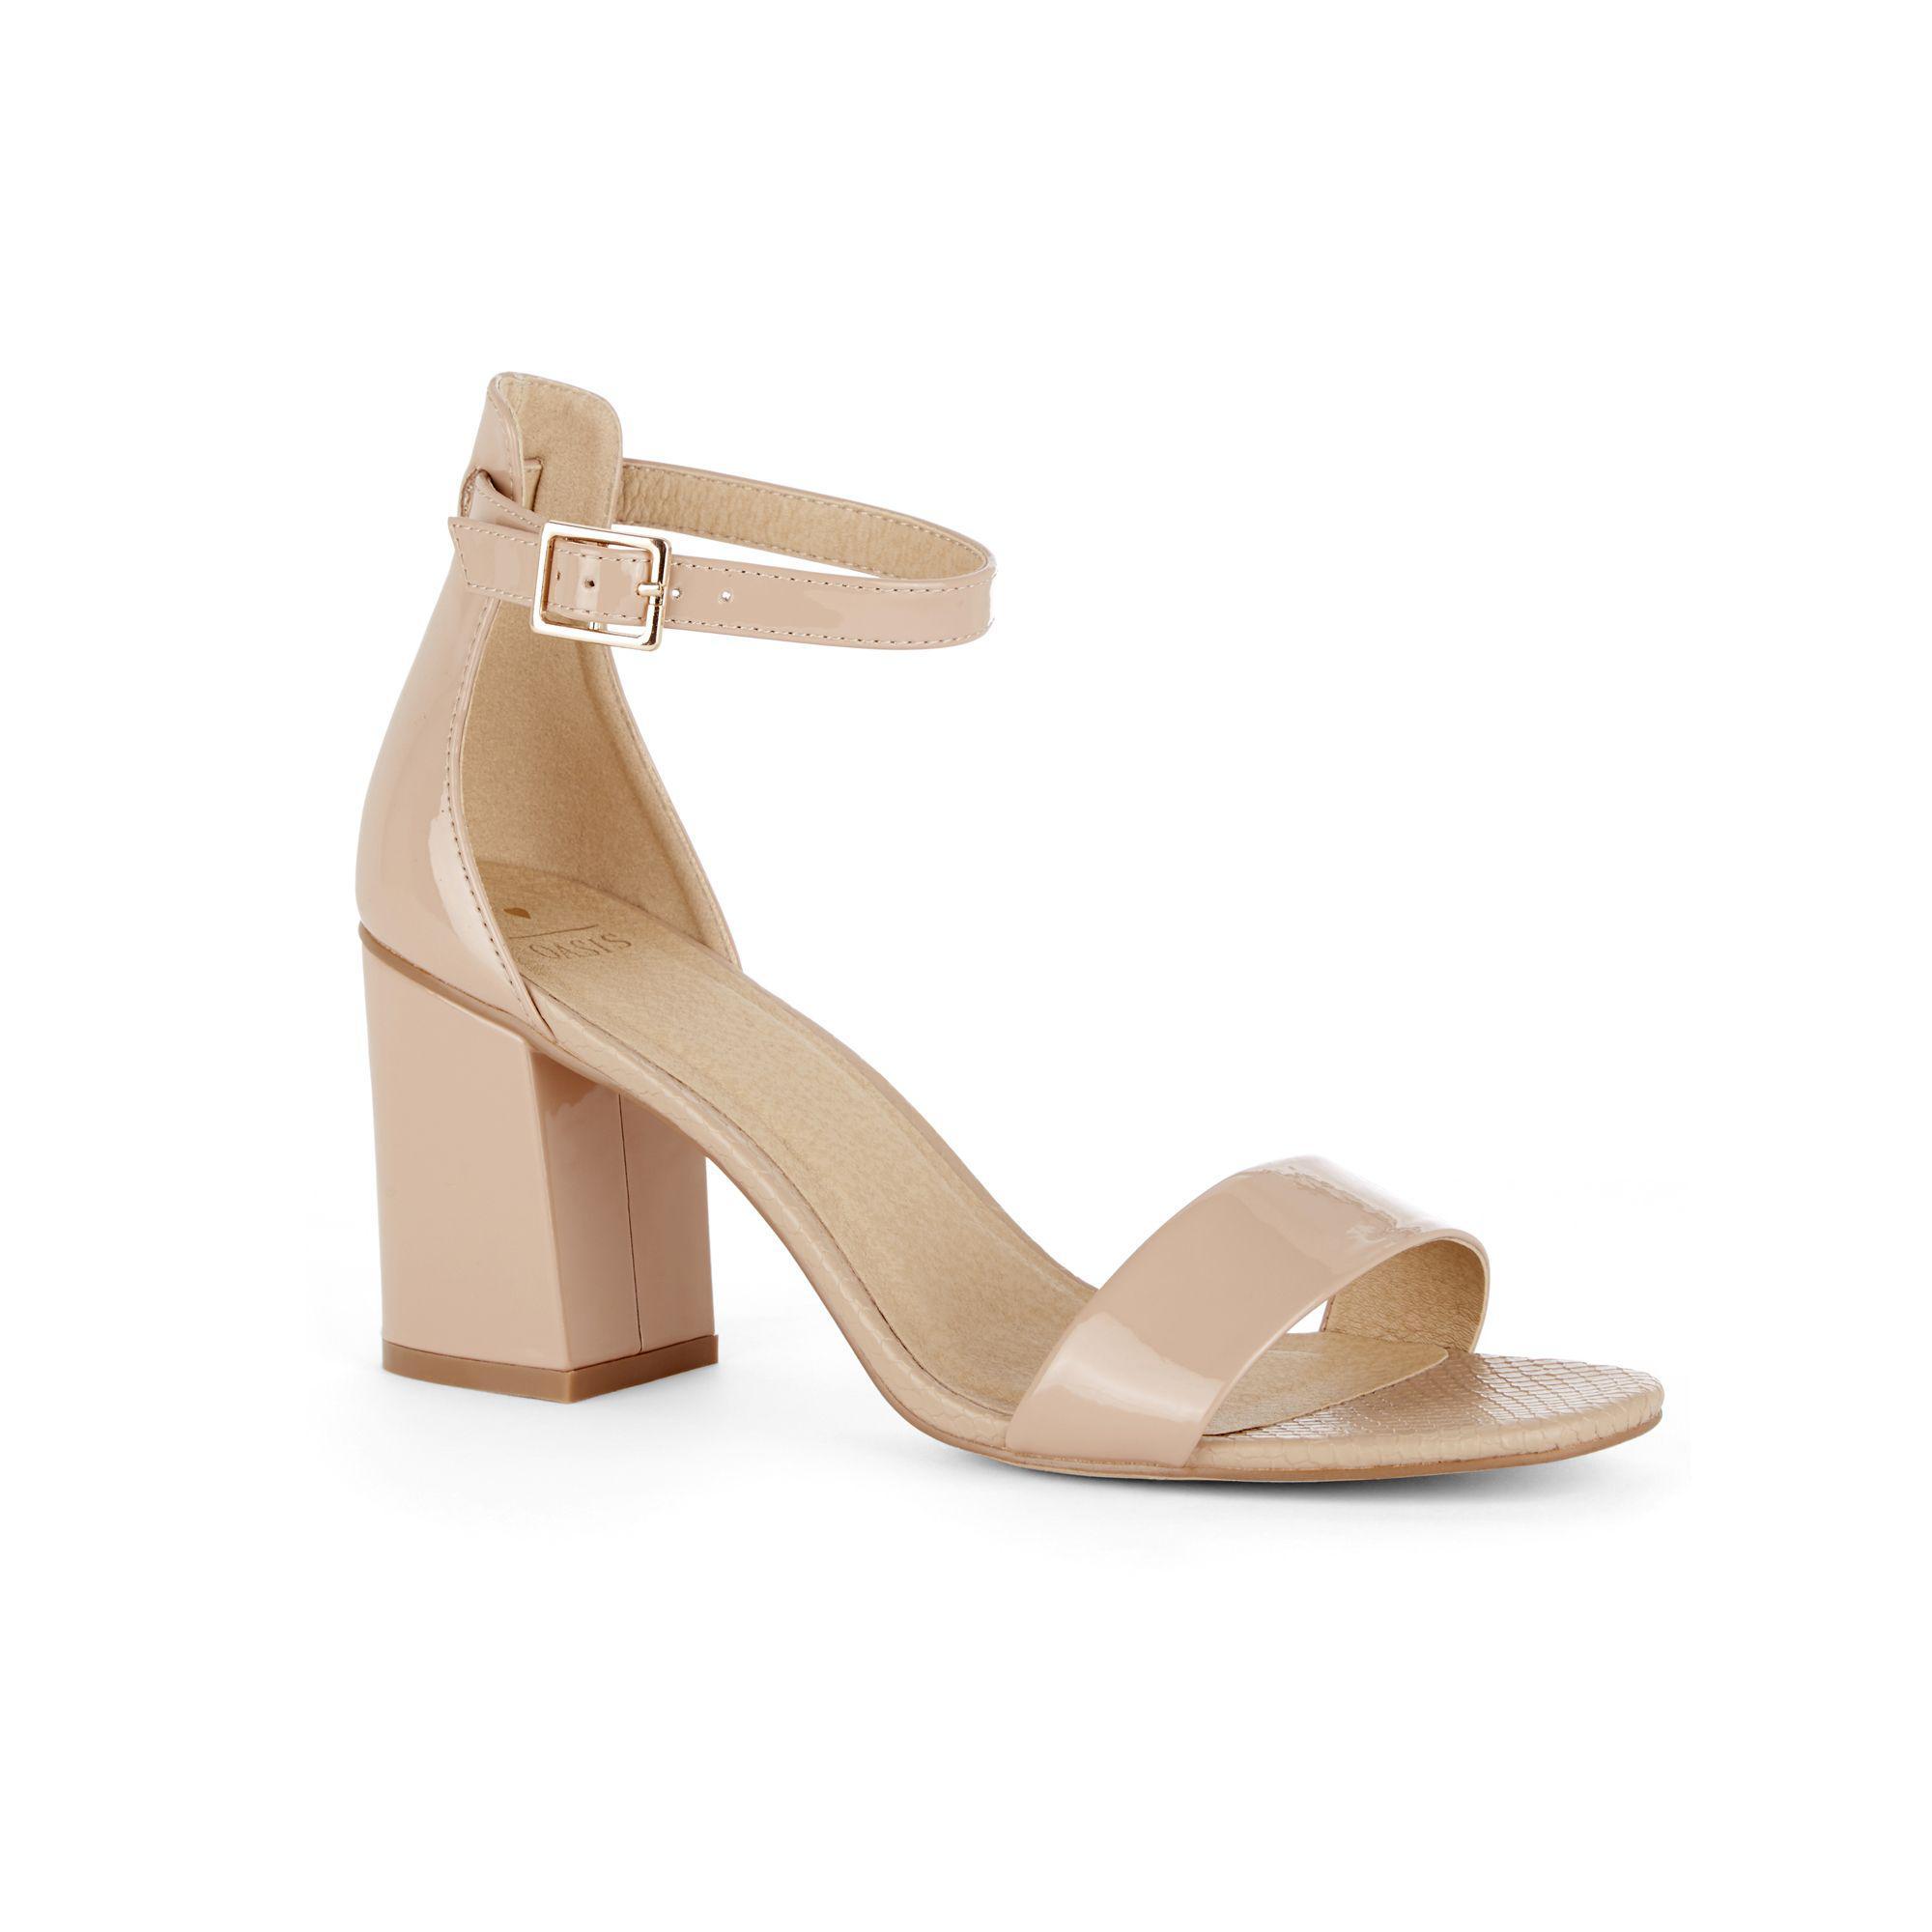 893e0d940ea Oasis Rhea Block Heel Sandals in Natural - Lyst